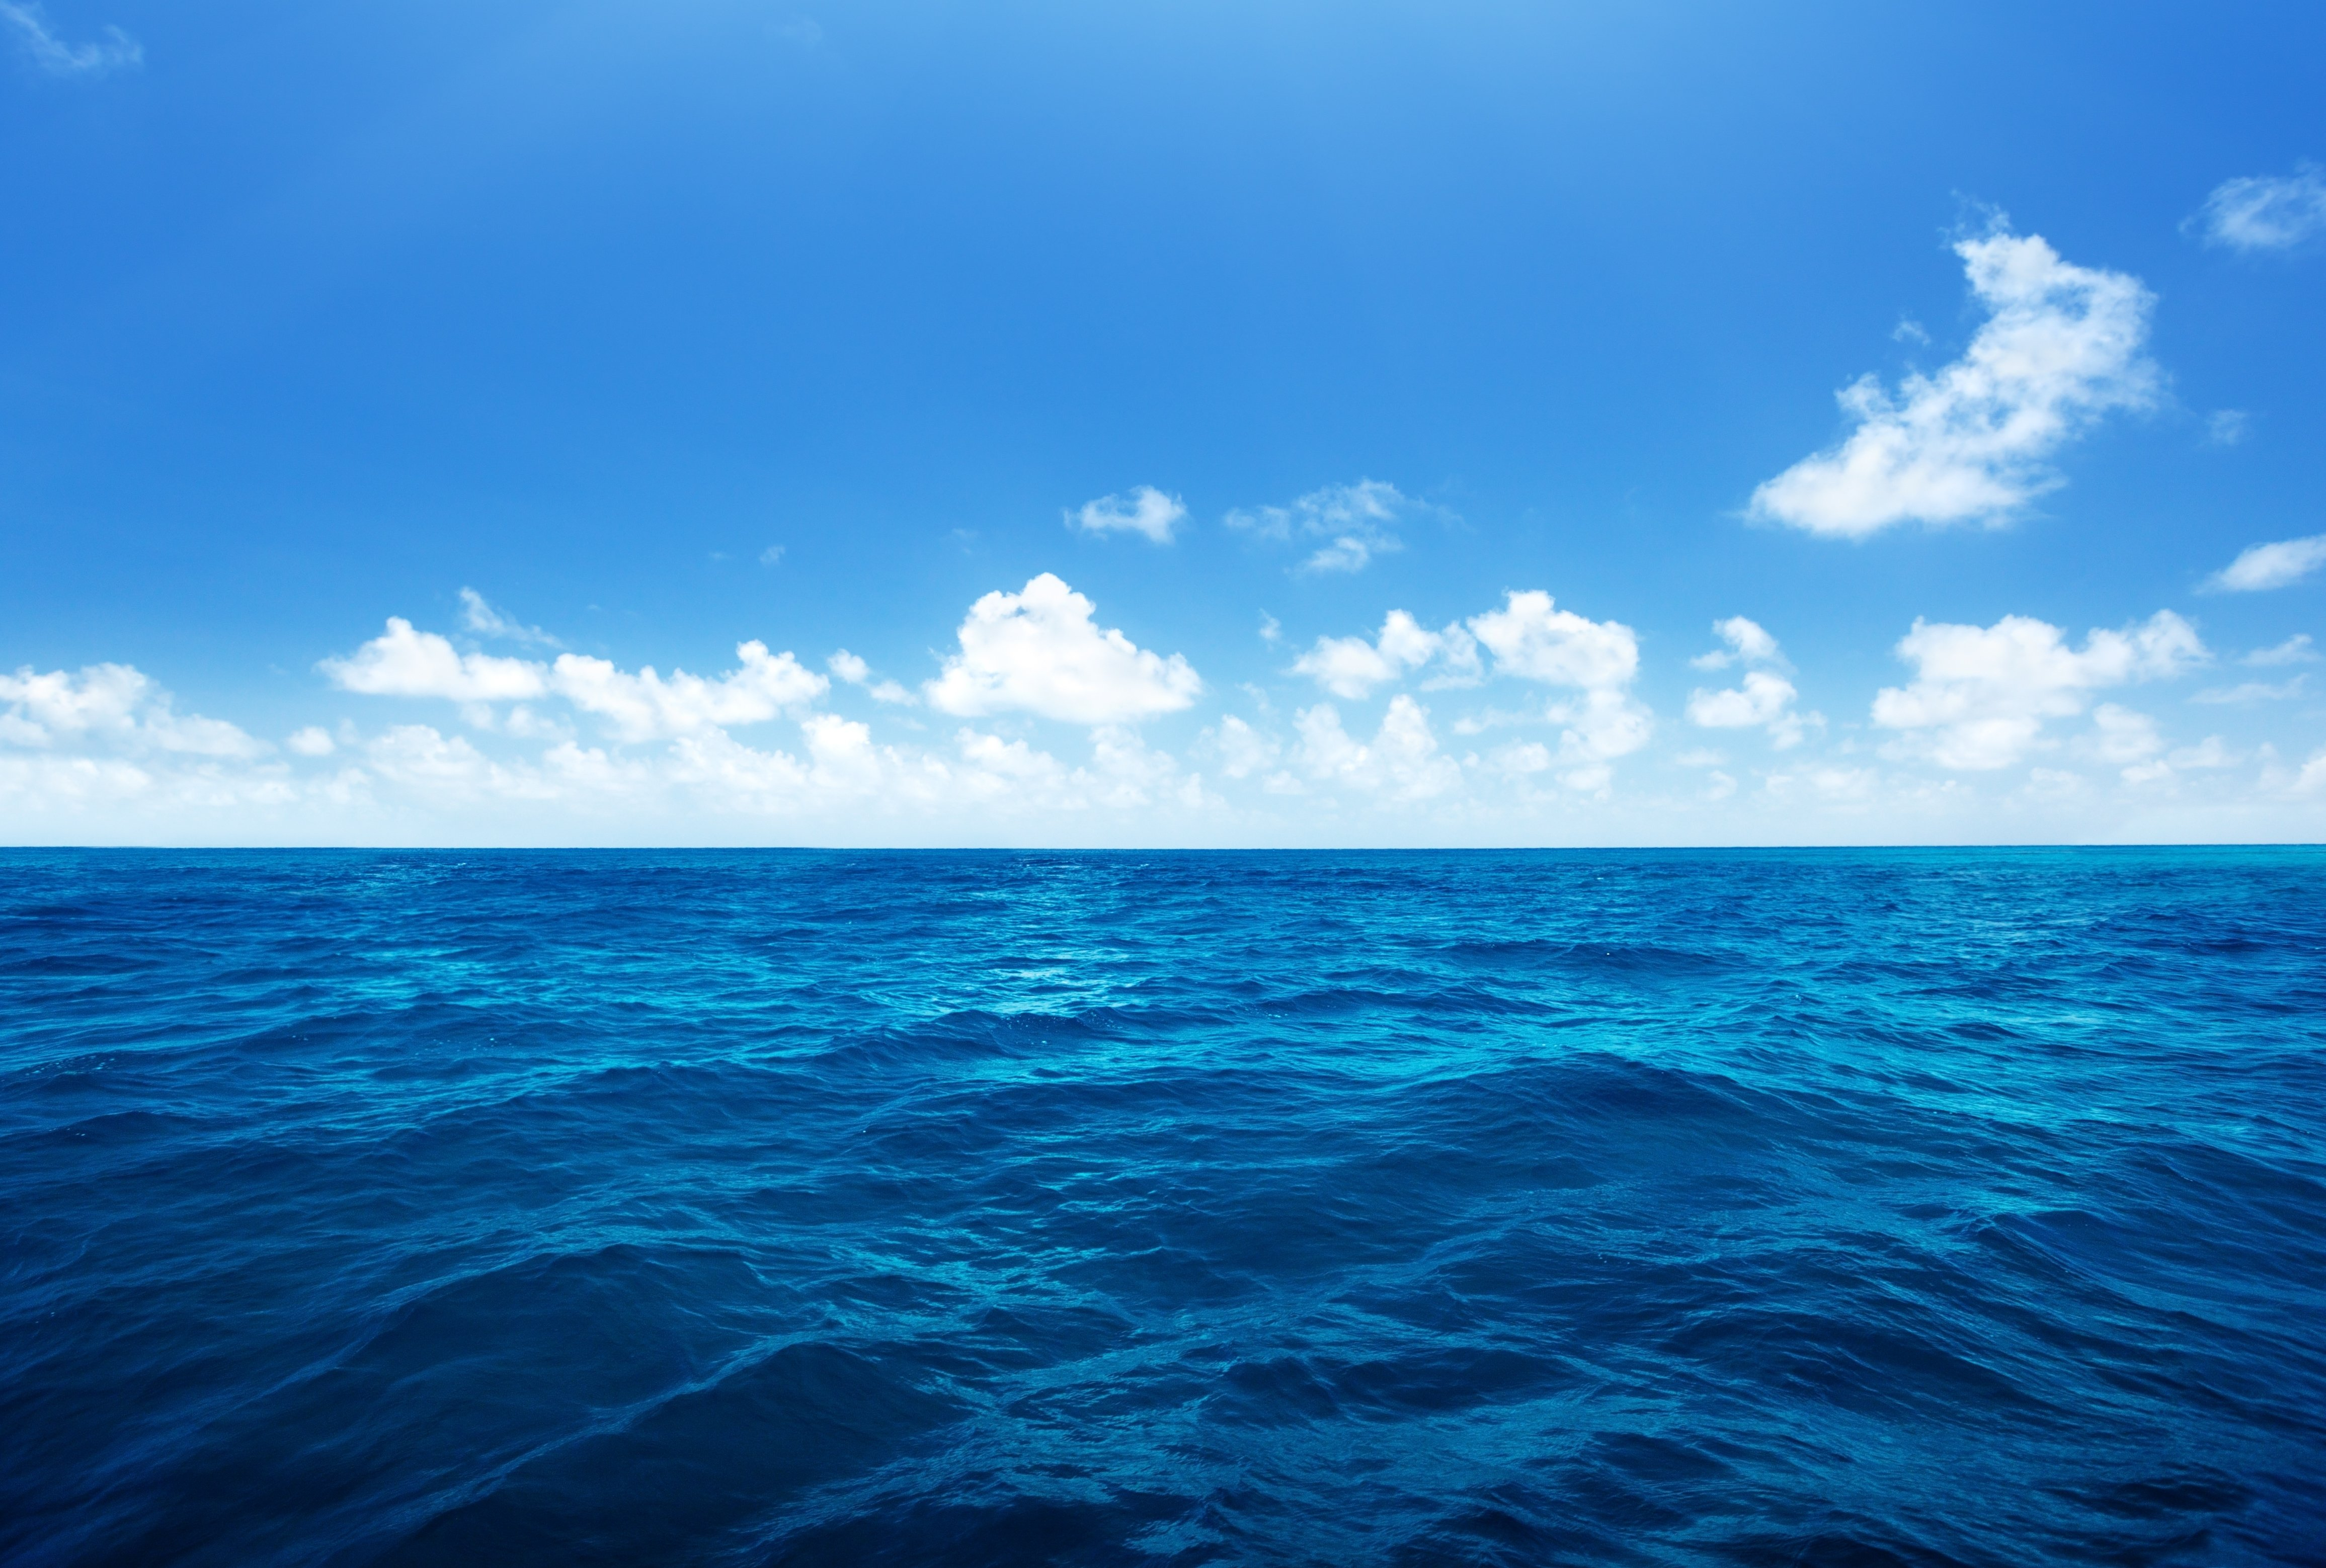 вода море природа  № 398884 бесплатно